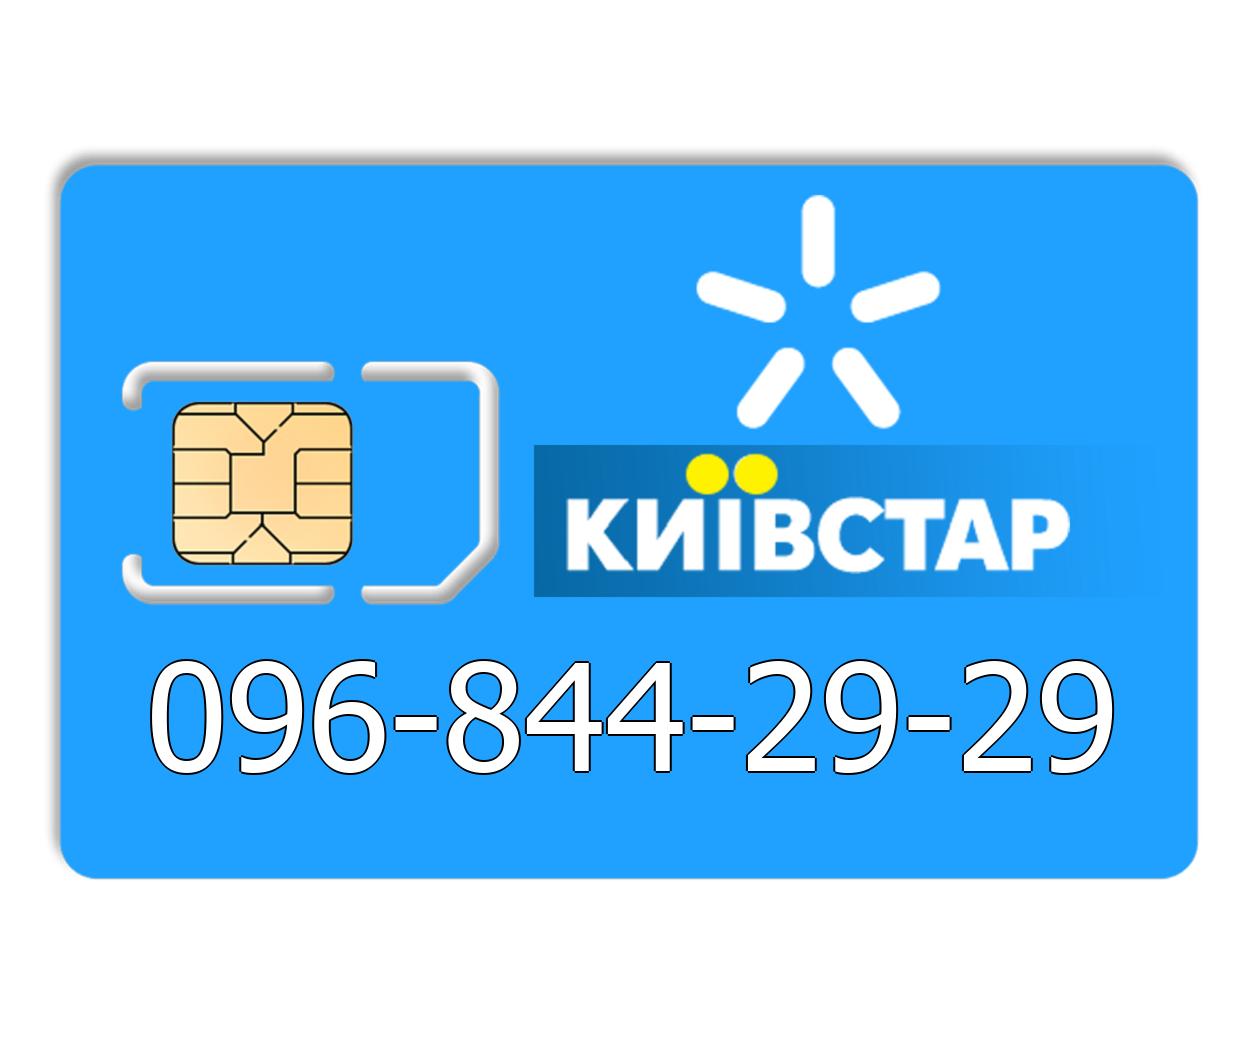 Красивый номер Киевстар 096-844-29-29